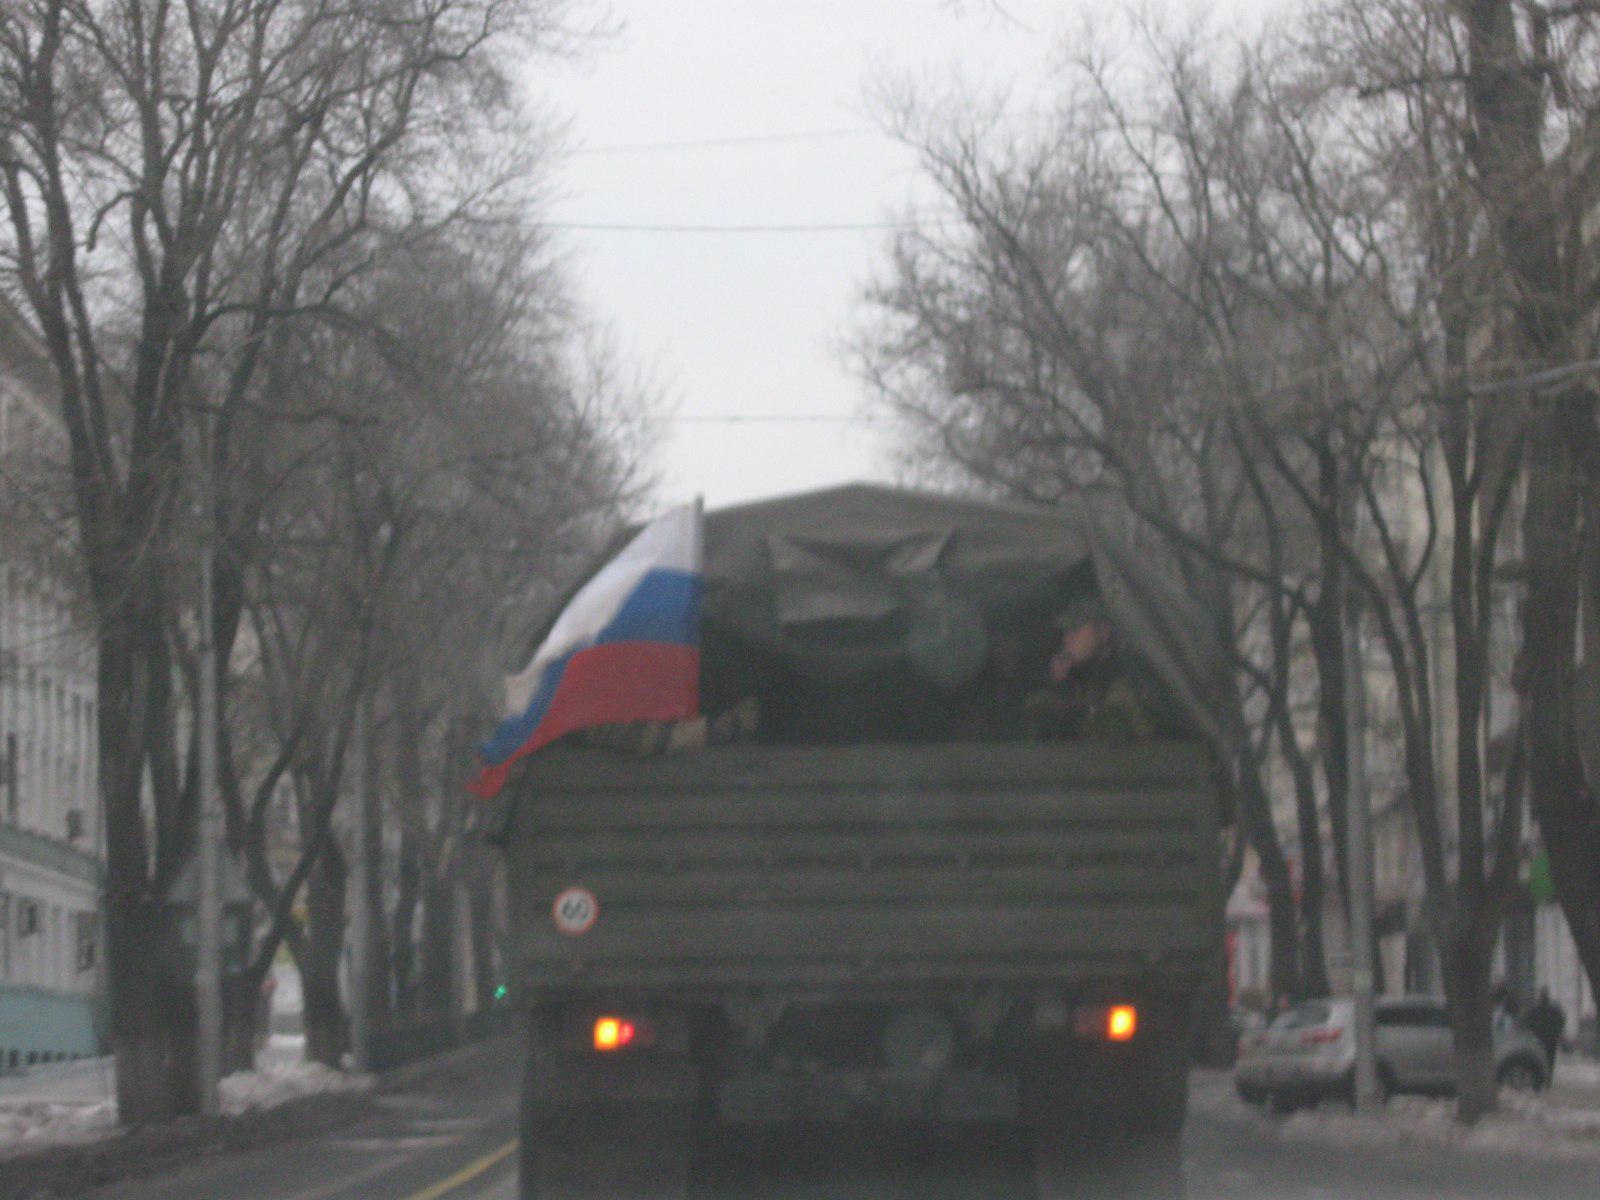 Двухдневное перемирие на Луганщине сорвано: боевики обстреляли ряд населенных пунктов, есть раненые, - Москаль - Цензор.НЕТ 6774